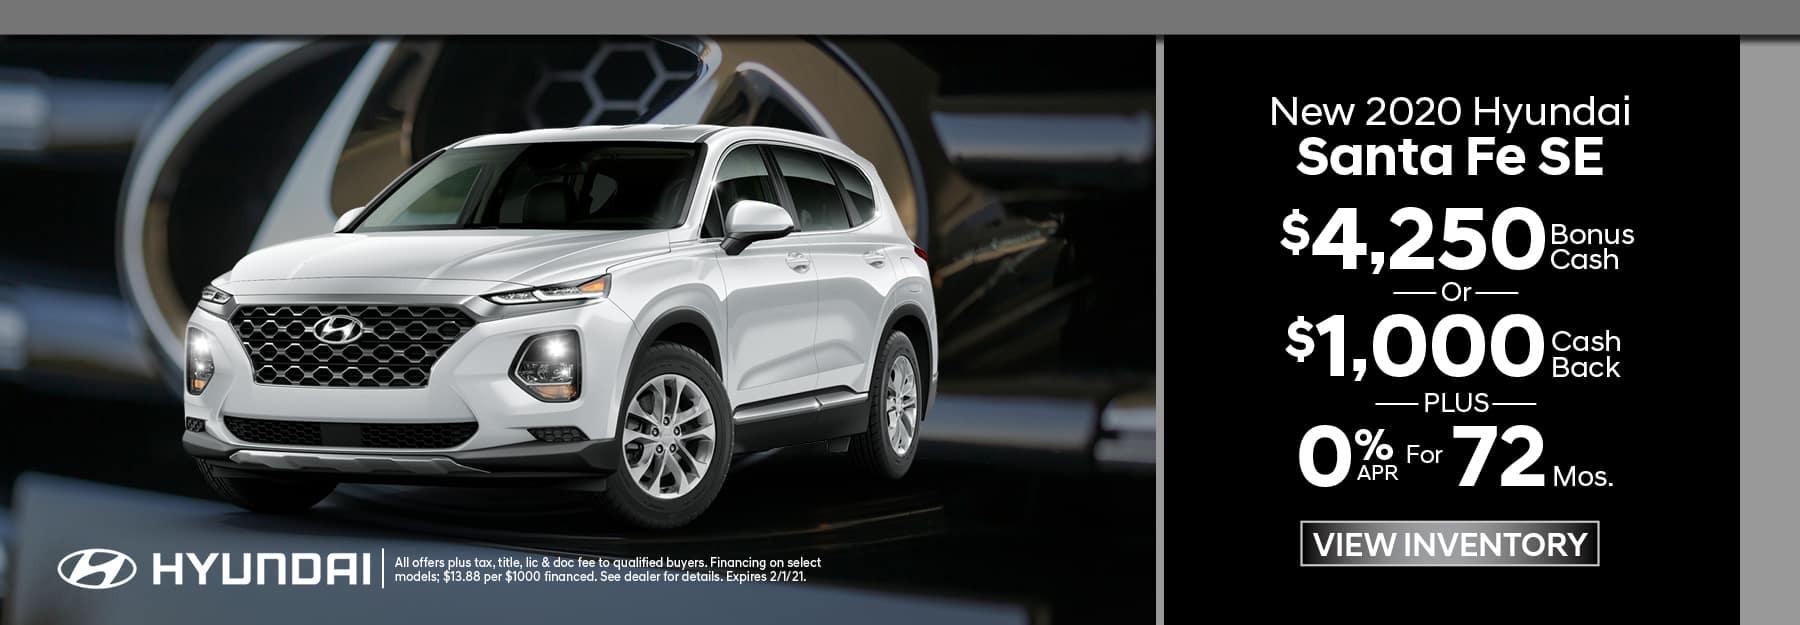 New 2020 Hyundai Santa Fe